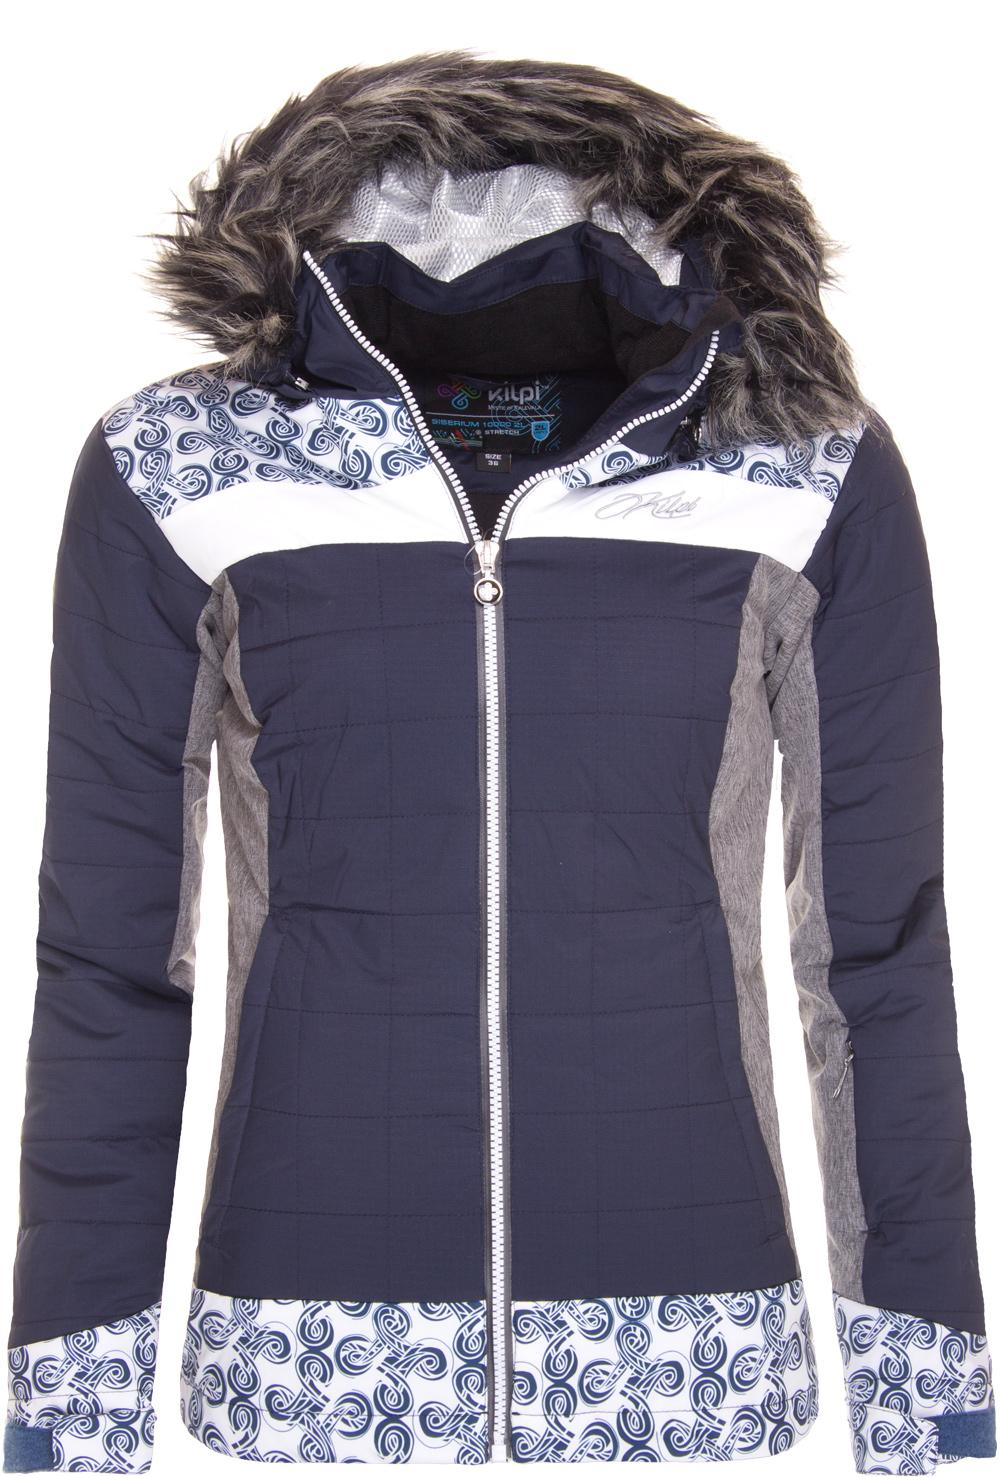 Lyžařská bunda dámská Kilpi LEDA-W